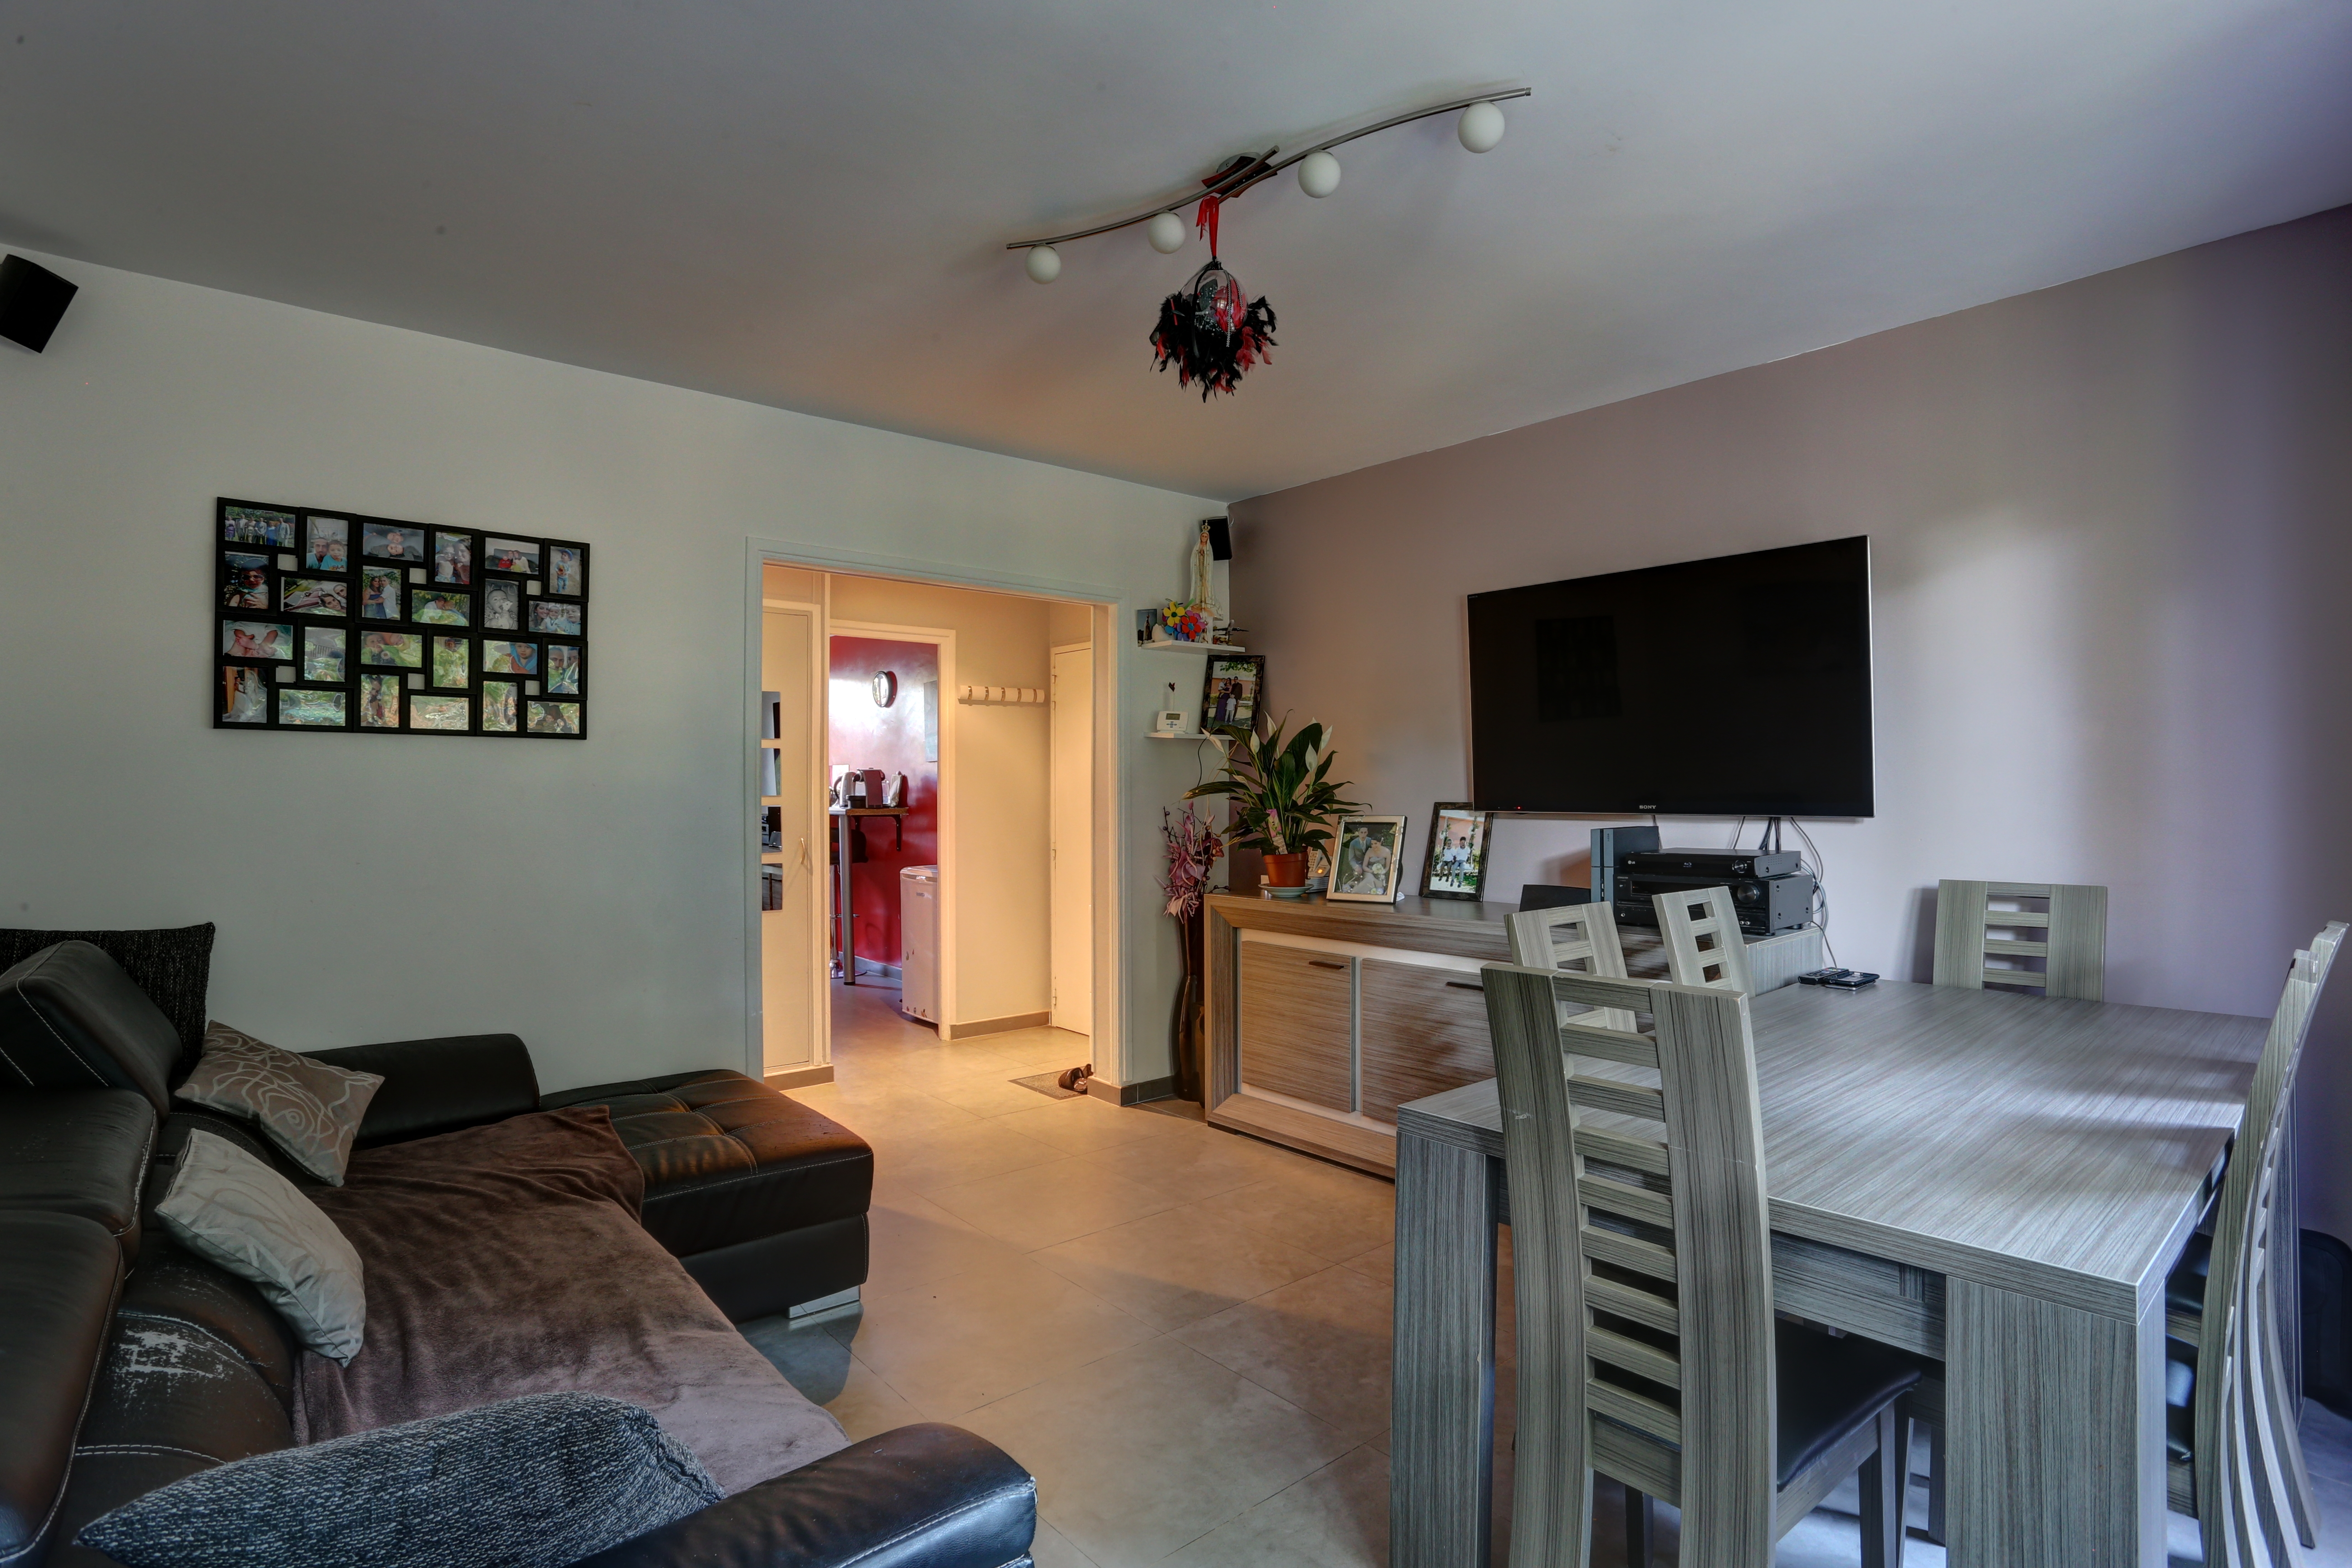 Appartement 3 Pièces RDC 57,34m2 au Plessis-Trévise (94420)